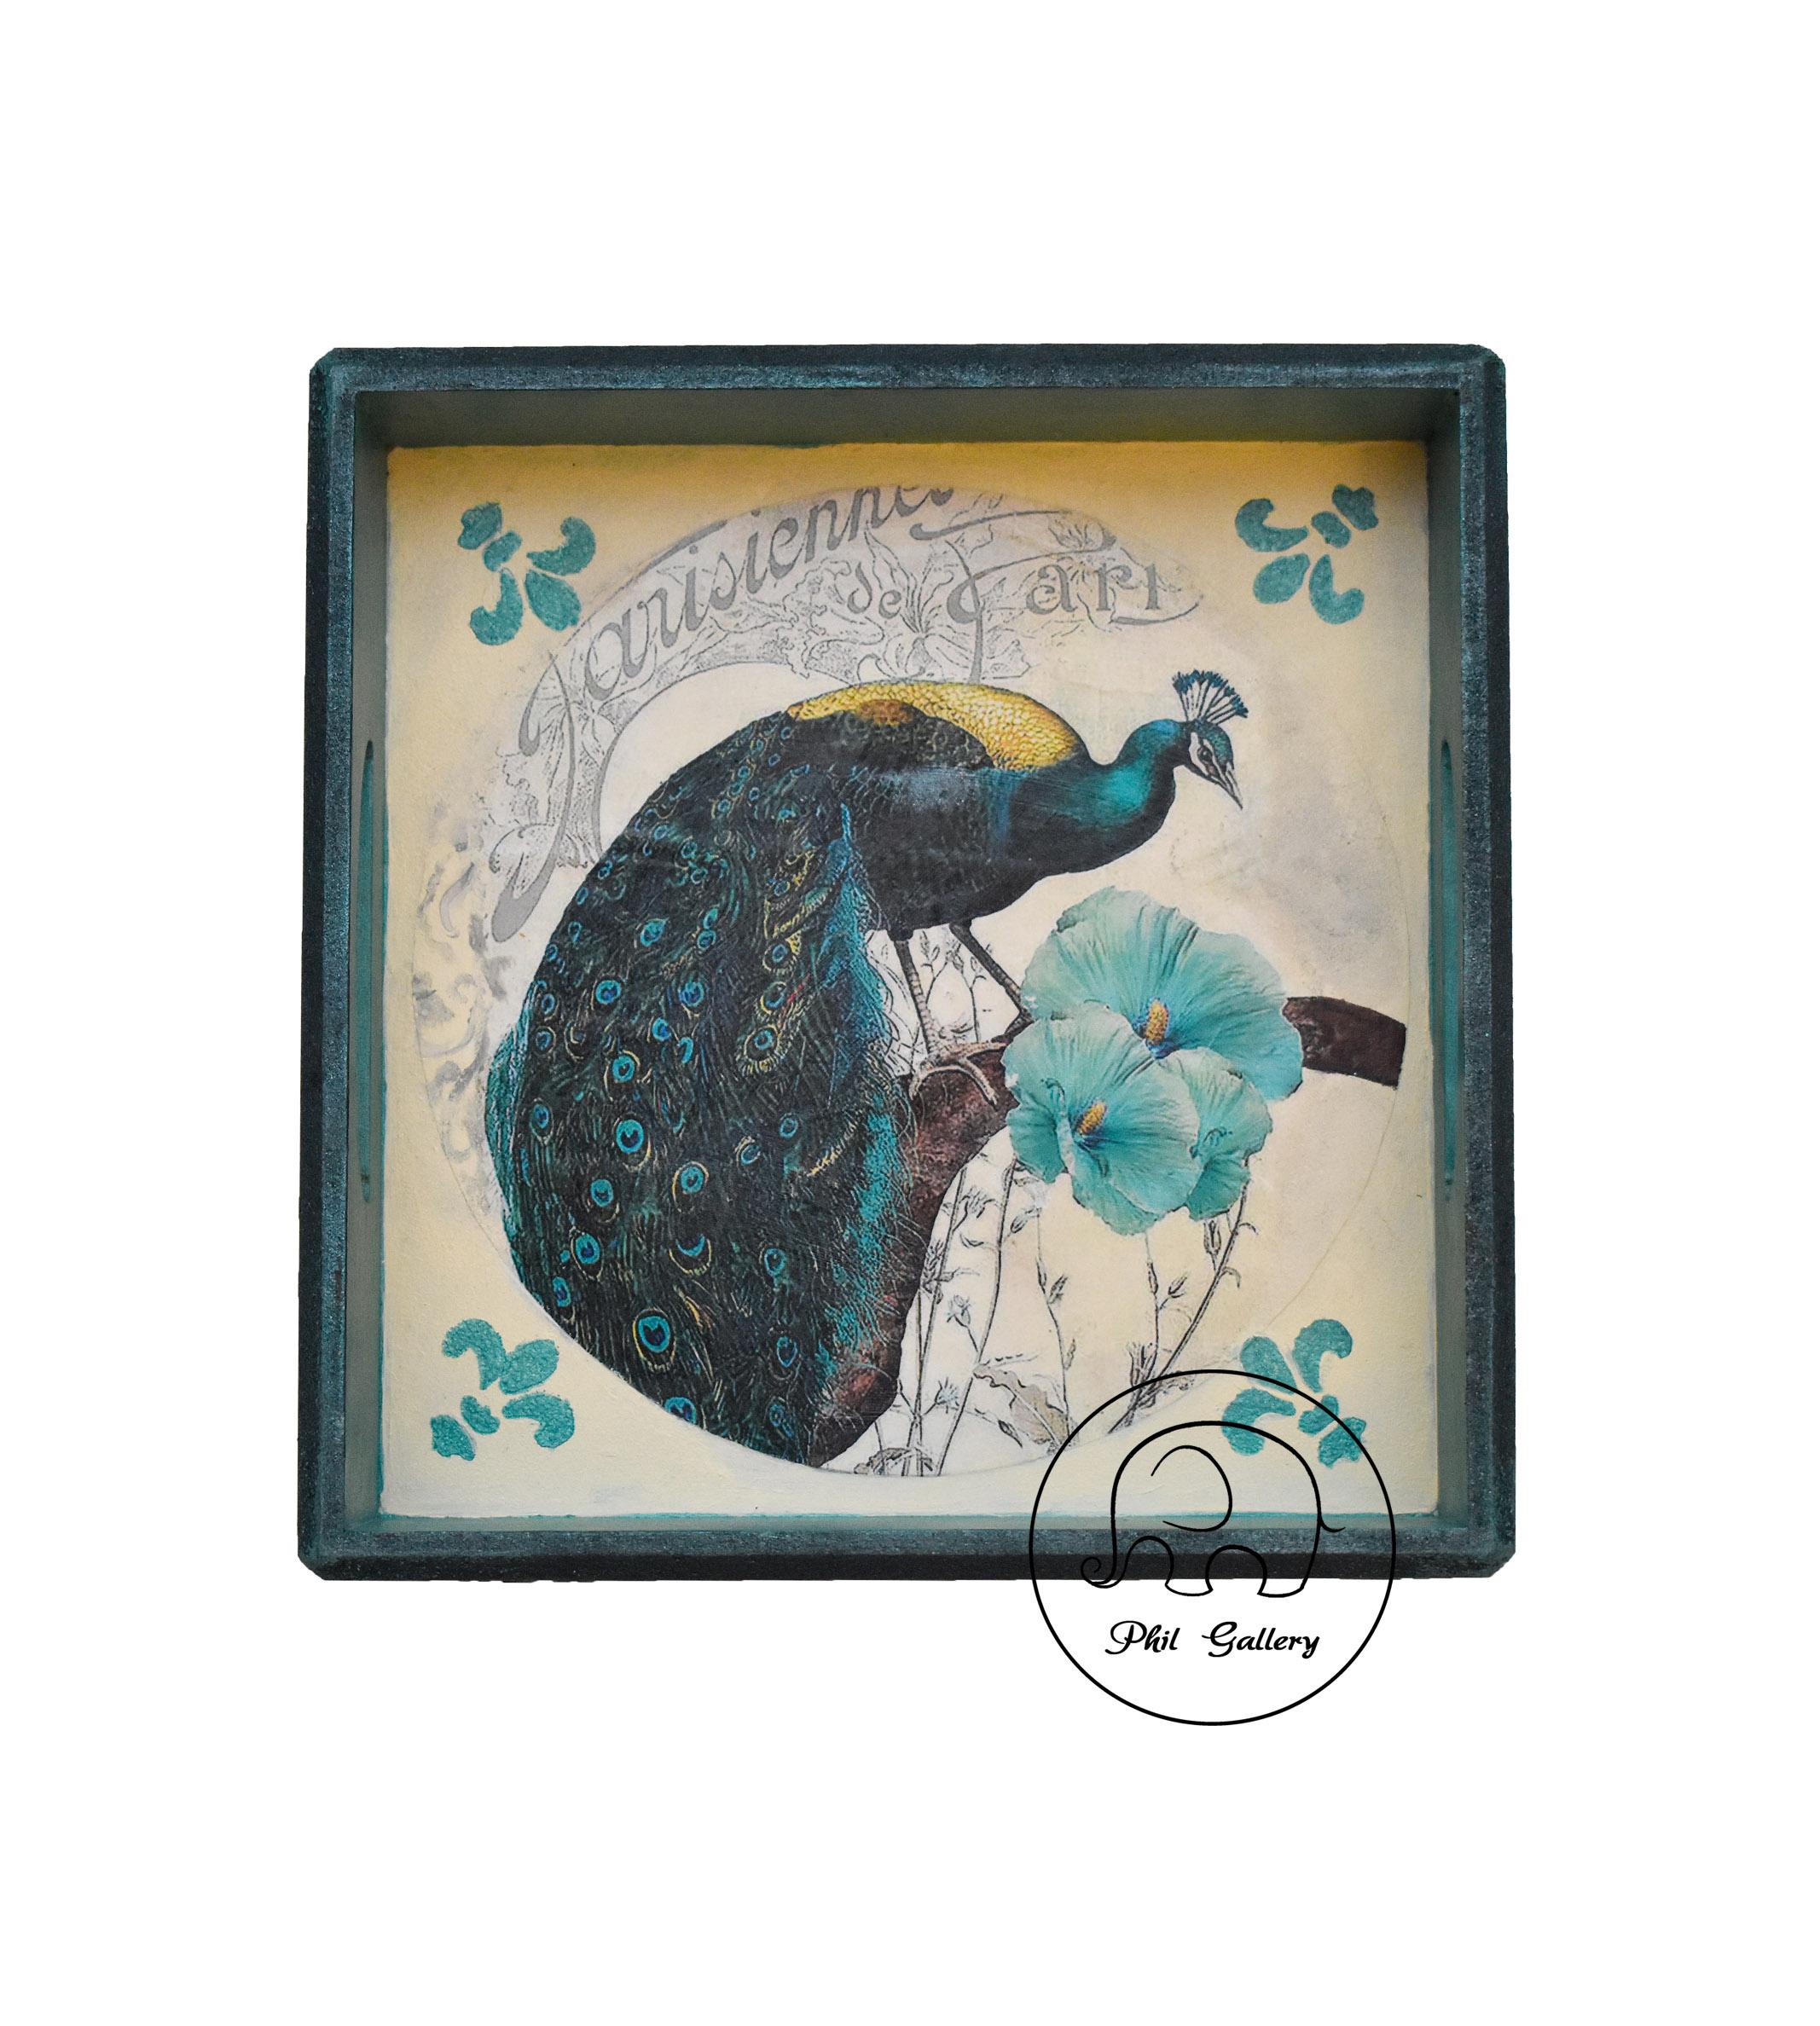 سينی چوبی دکوراتيو سبزآبی با نقوش برجسته و طرح طاووس